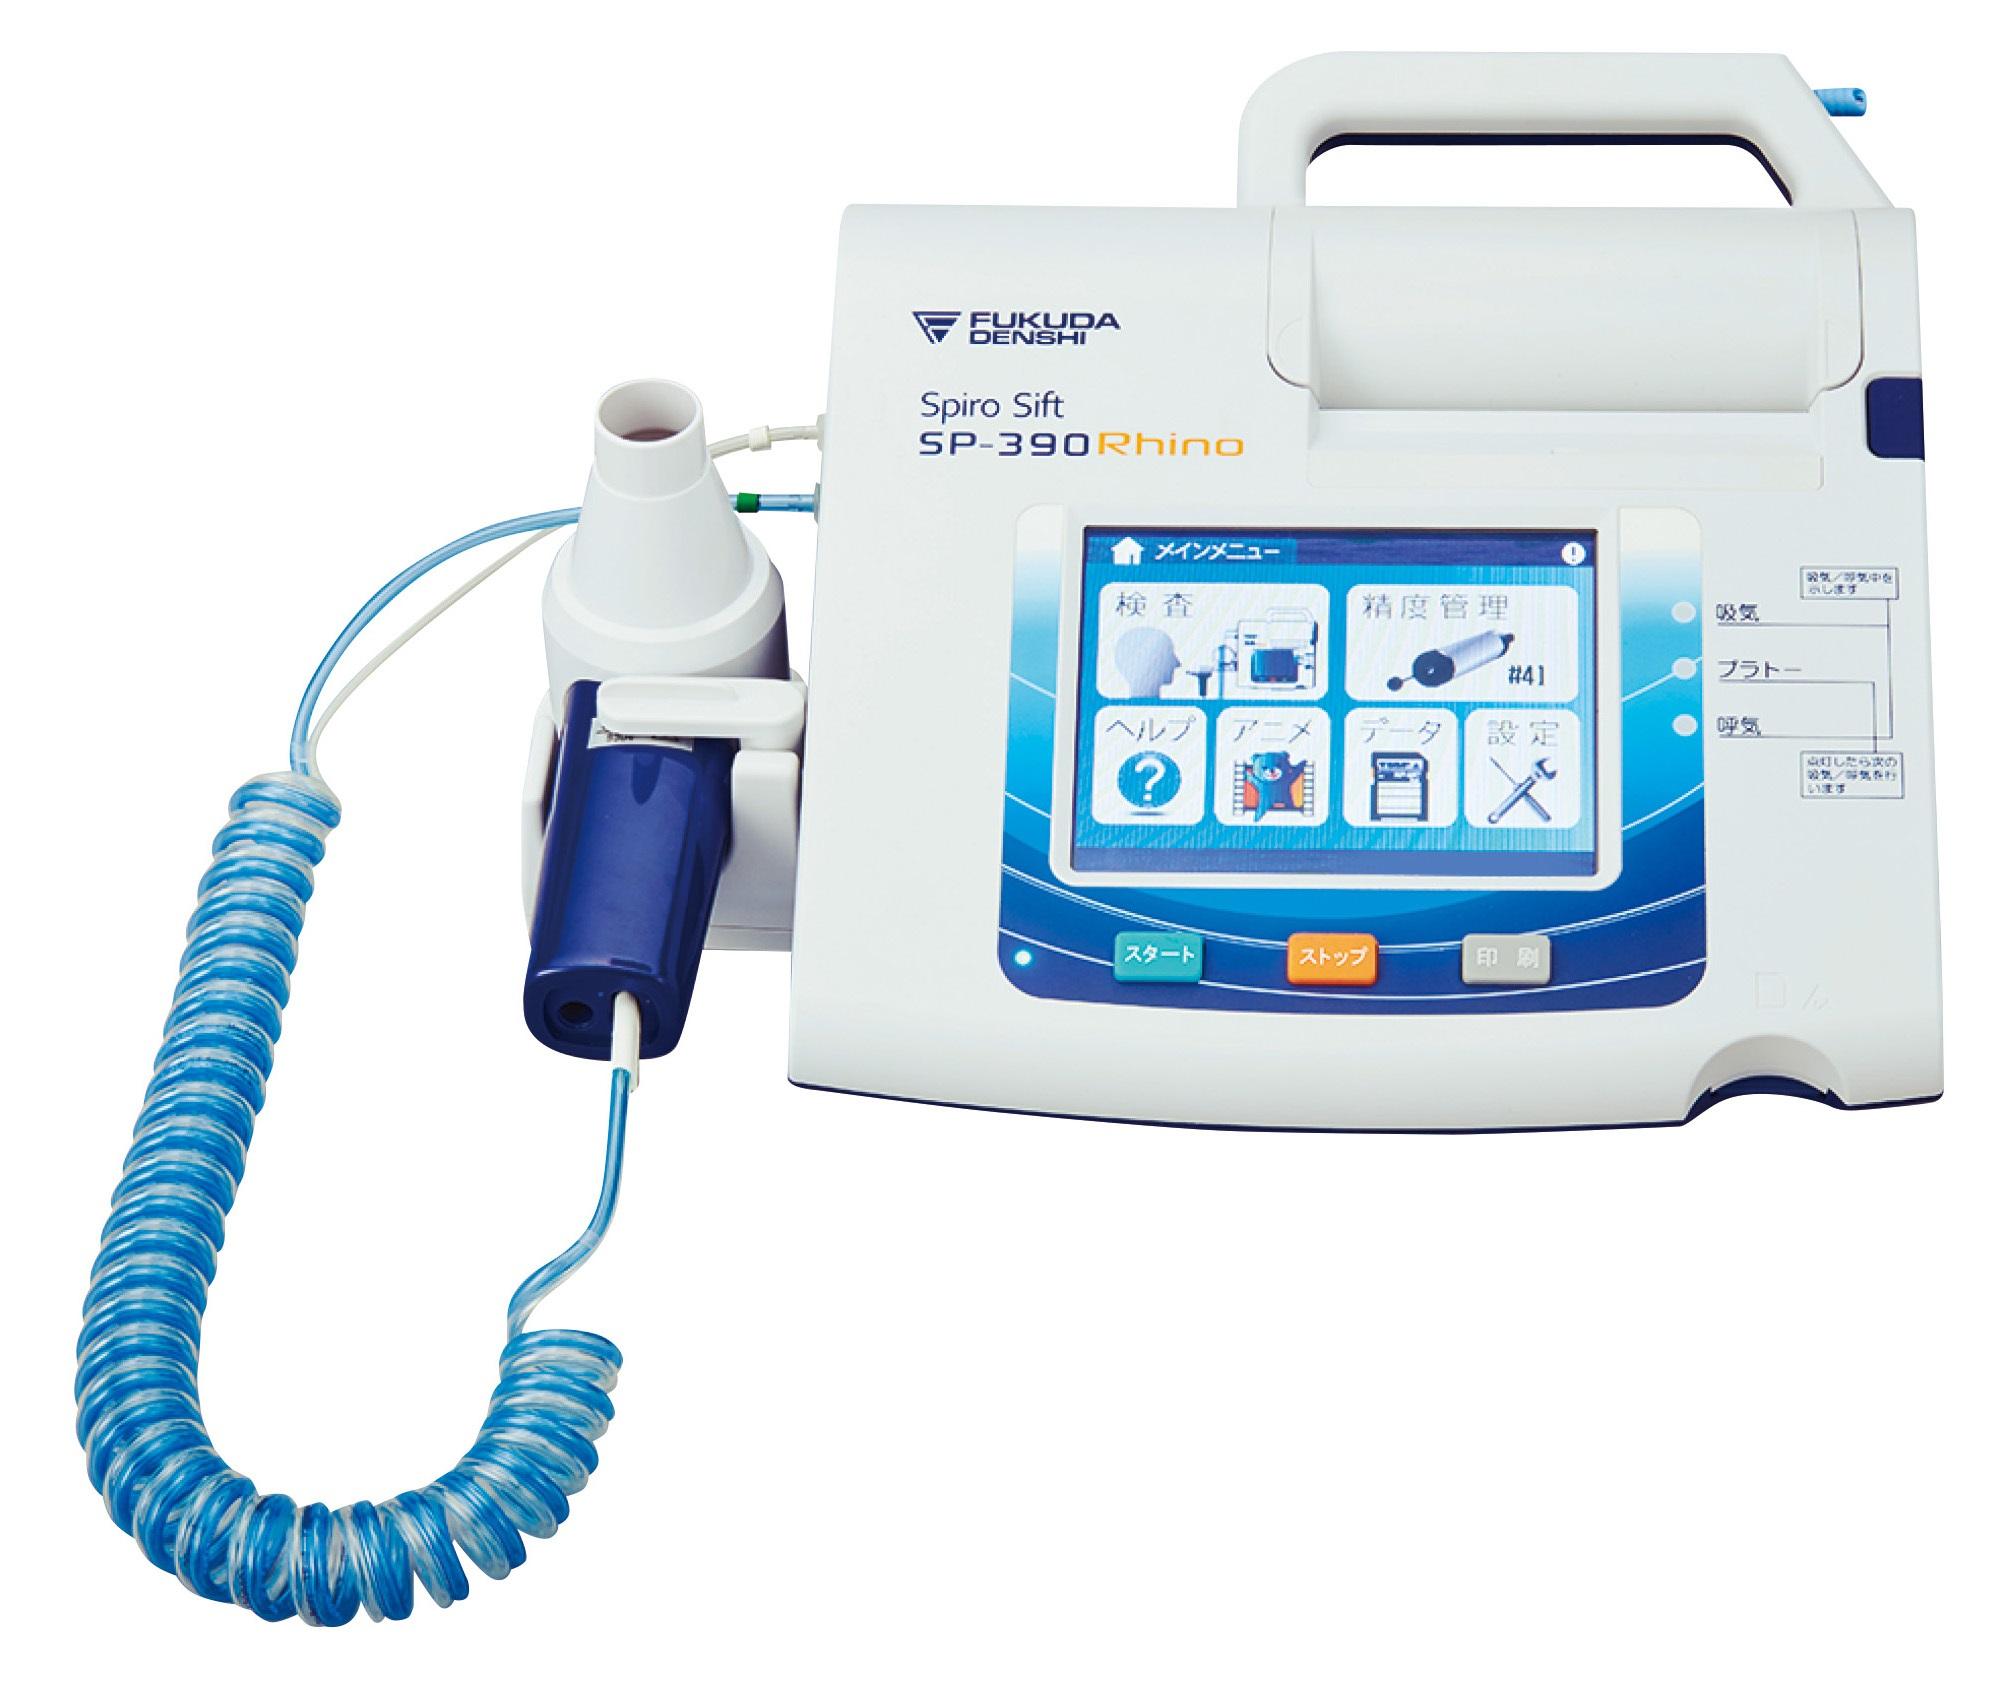 肺活量やぜんそく、COPDの確認できる呼吸機能機器です。 当院のは検査ガイドラインに則した測定ができているか確認できるガイドライン判定機能搭載した最新機器になります。鼻の疾患のある方は喘息の合併なども多く、いくら局所麻酔での手術といえど、手術前の呼吸機能の確認は安全な手術をする上で重要であり、当院では導入しております。 また、この機械は鼻腔通気度検査機能も搭載しており、鼻の通りを客観的なデータとして確認する事ができます。そのため、鼻科手術の決定やSASの診断目的でも使用します。